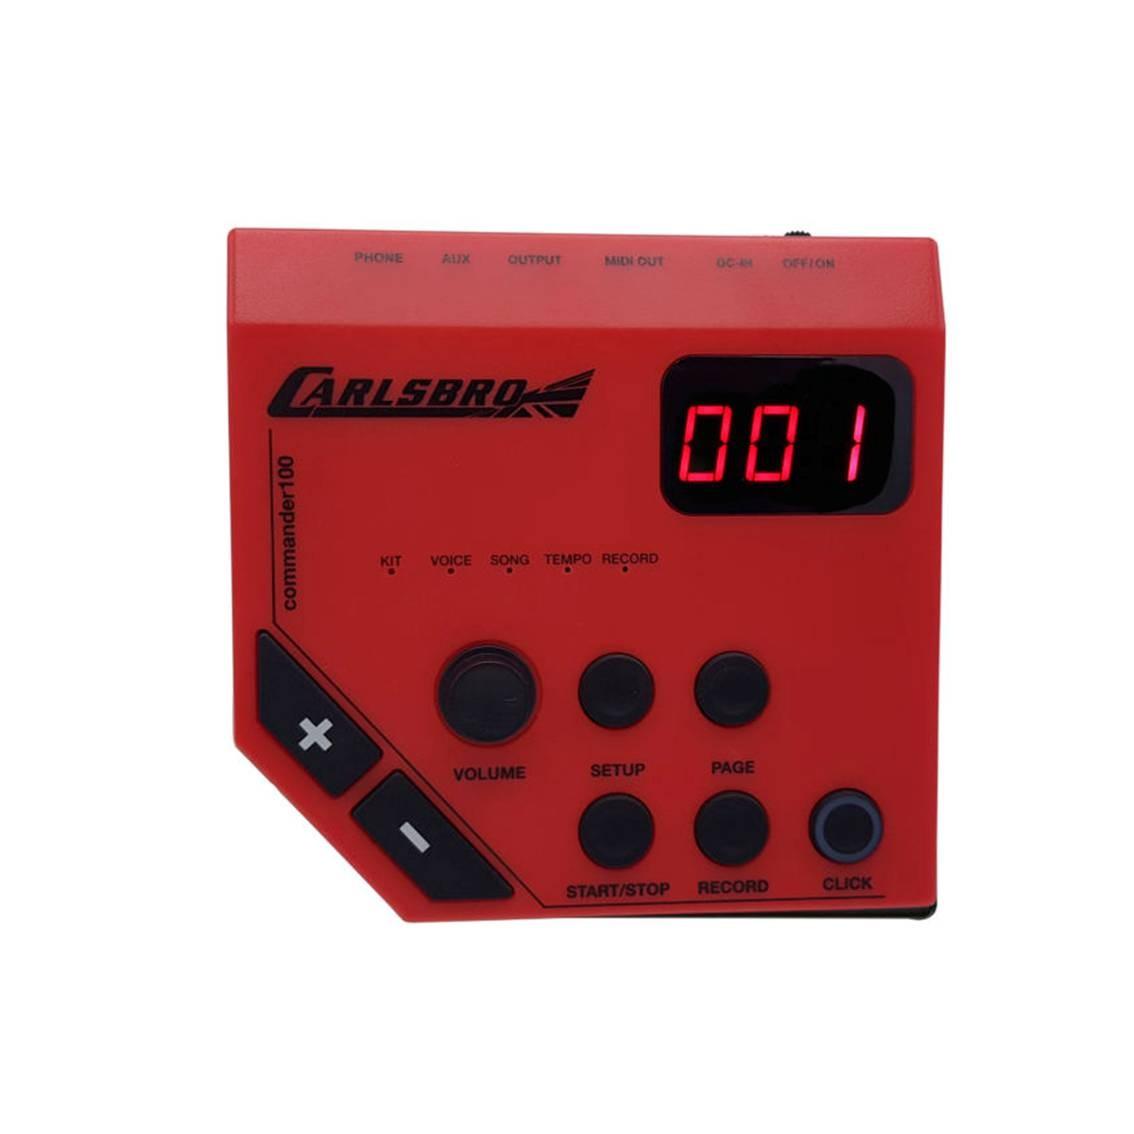 Foto2 - Bateria Eletrônica Odery Carlsbro CSD100